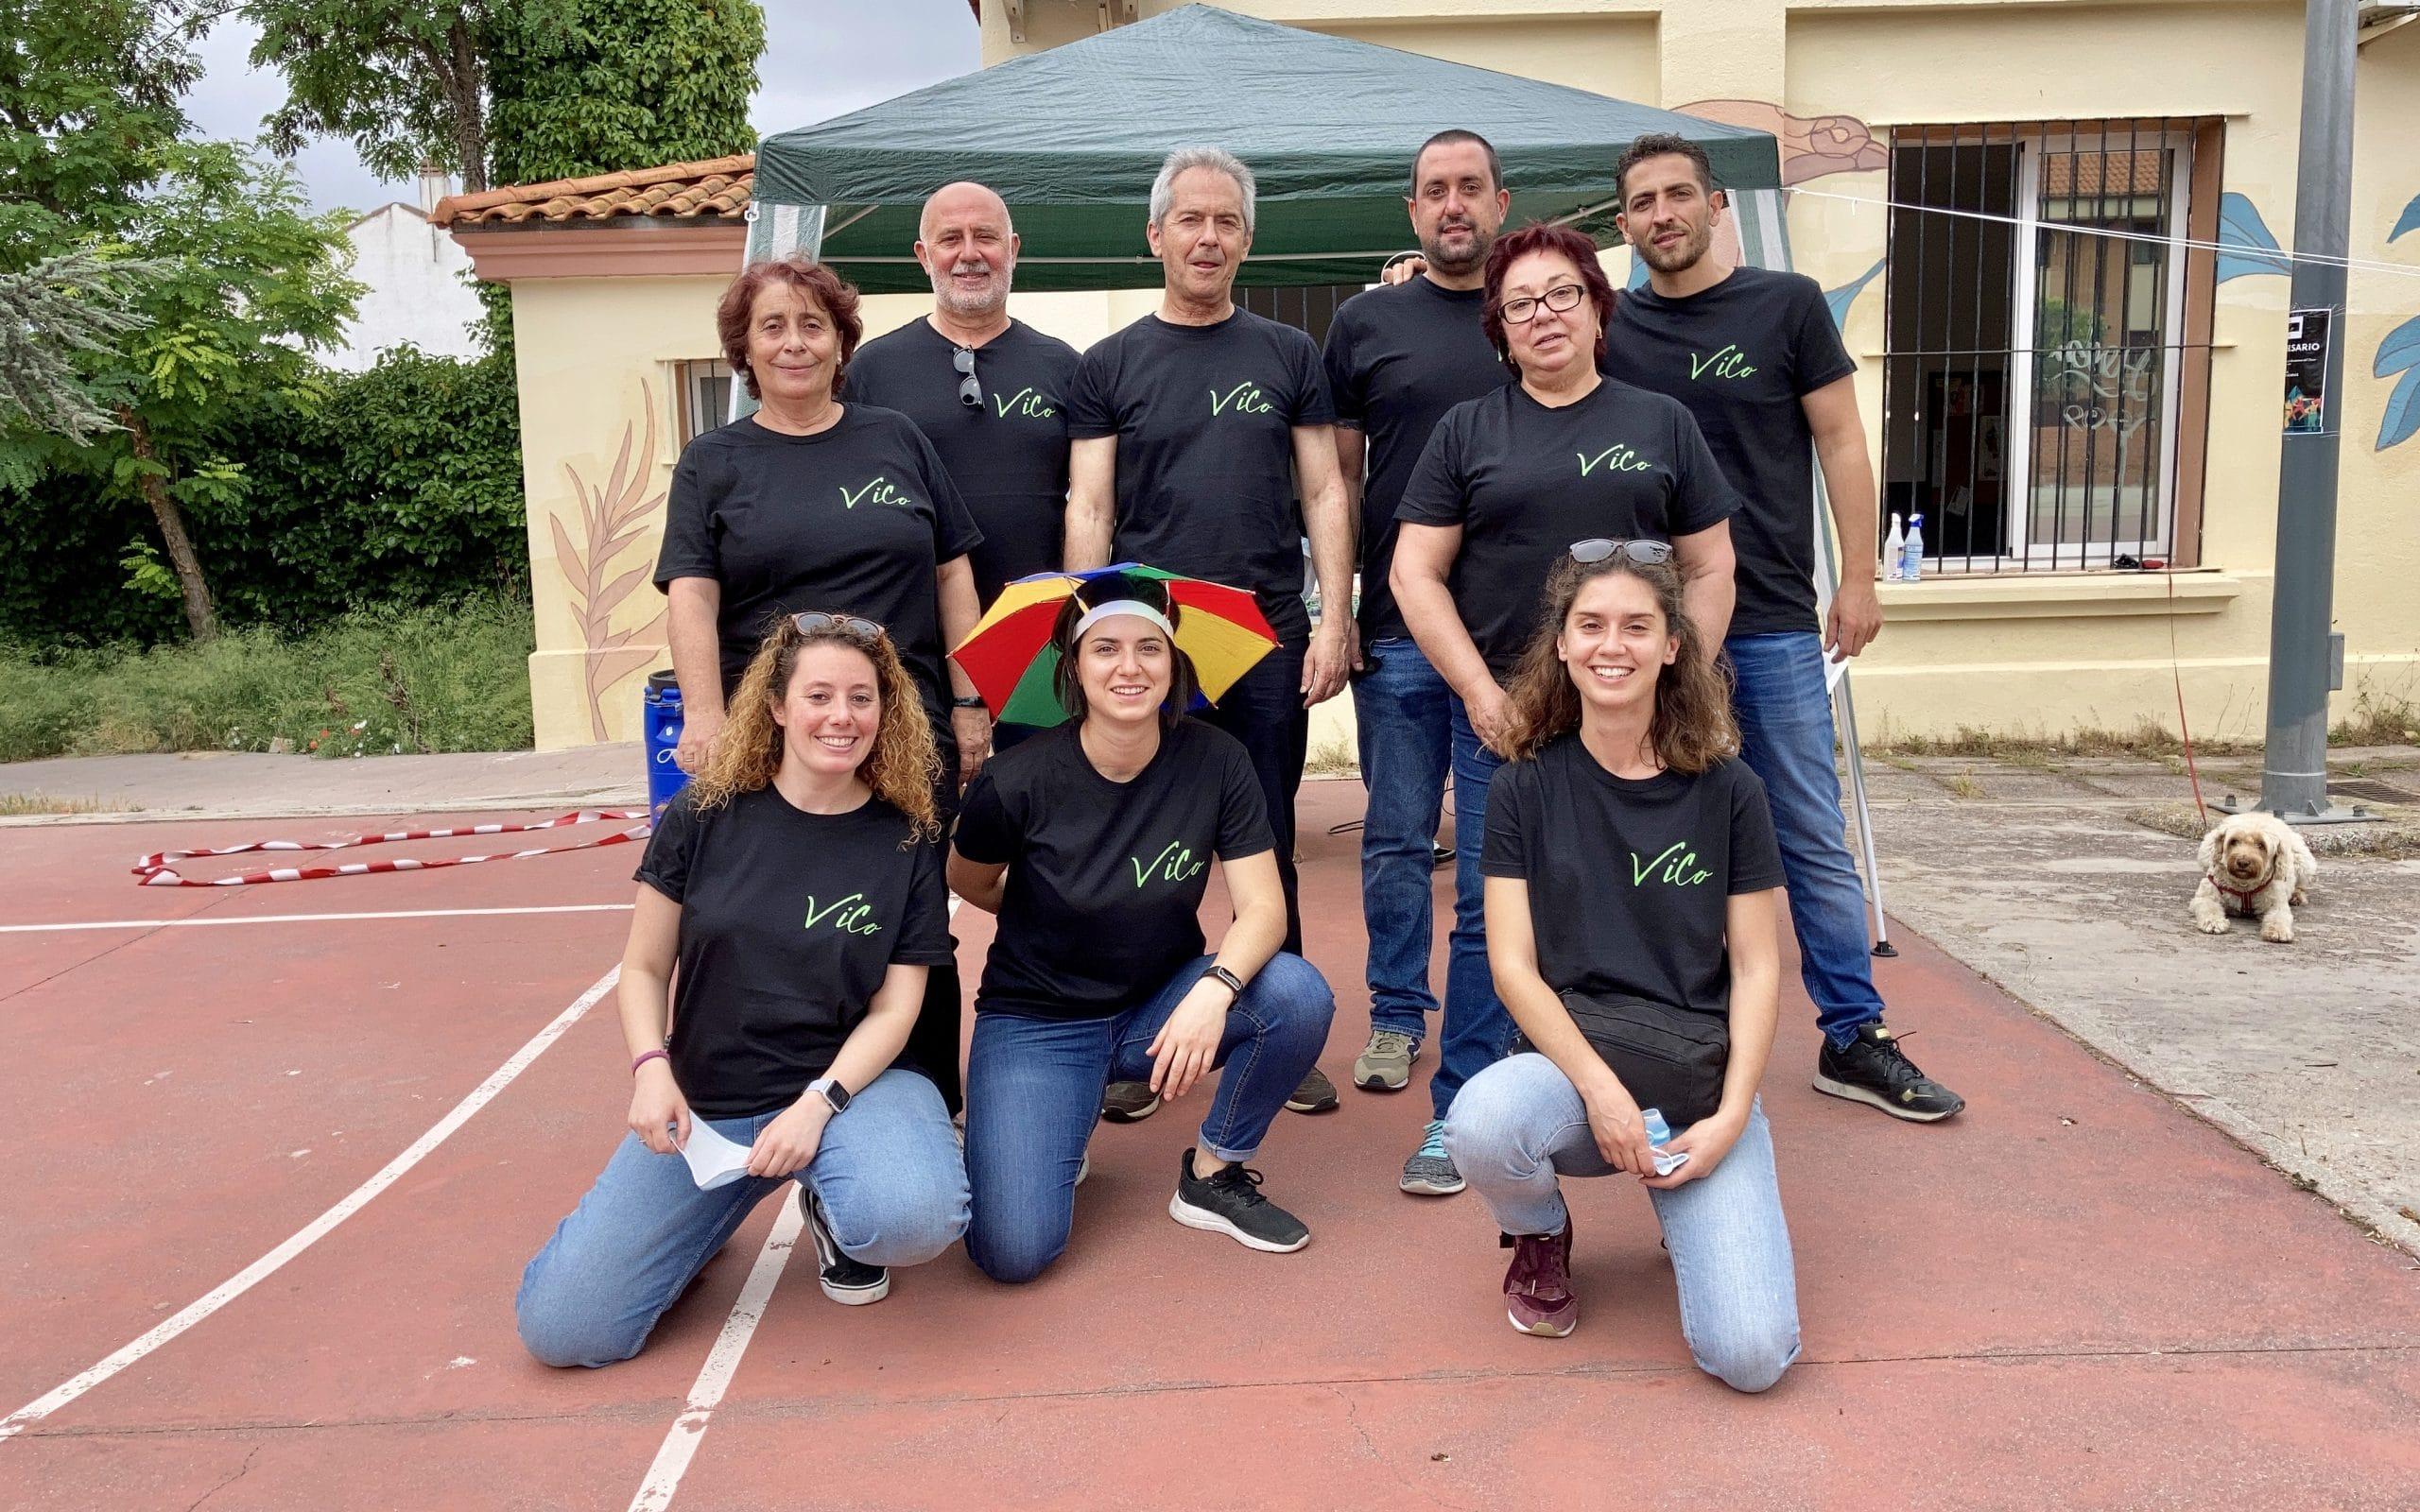 Miembros de la asociación Vico durante la celebración en la Casa de Asociaciones del Casco Antiguo de Rivas Vaciamadrid